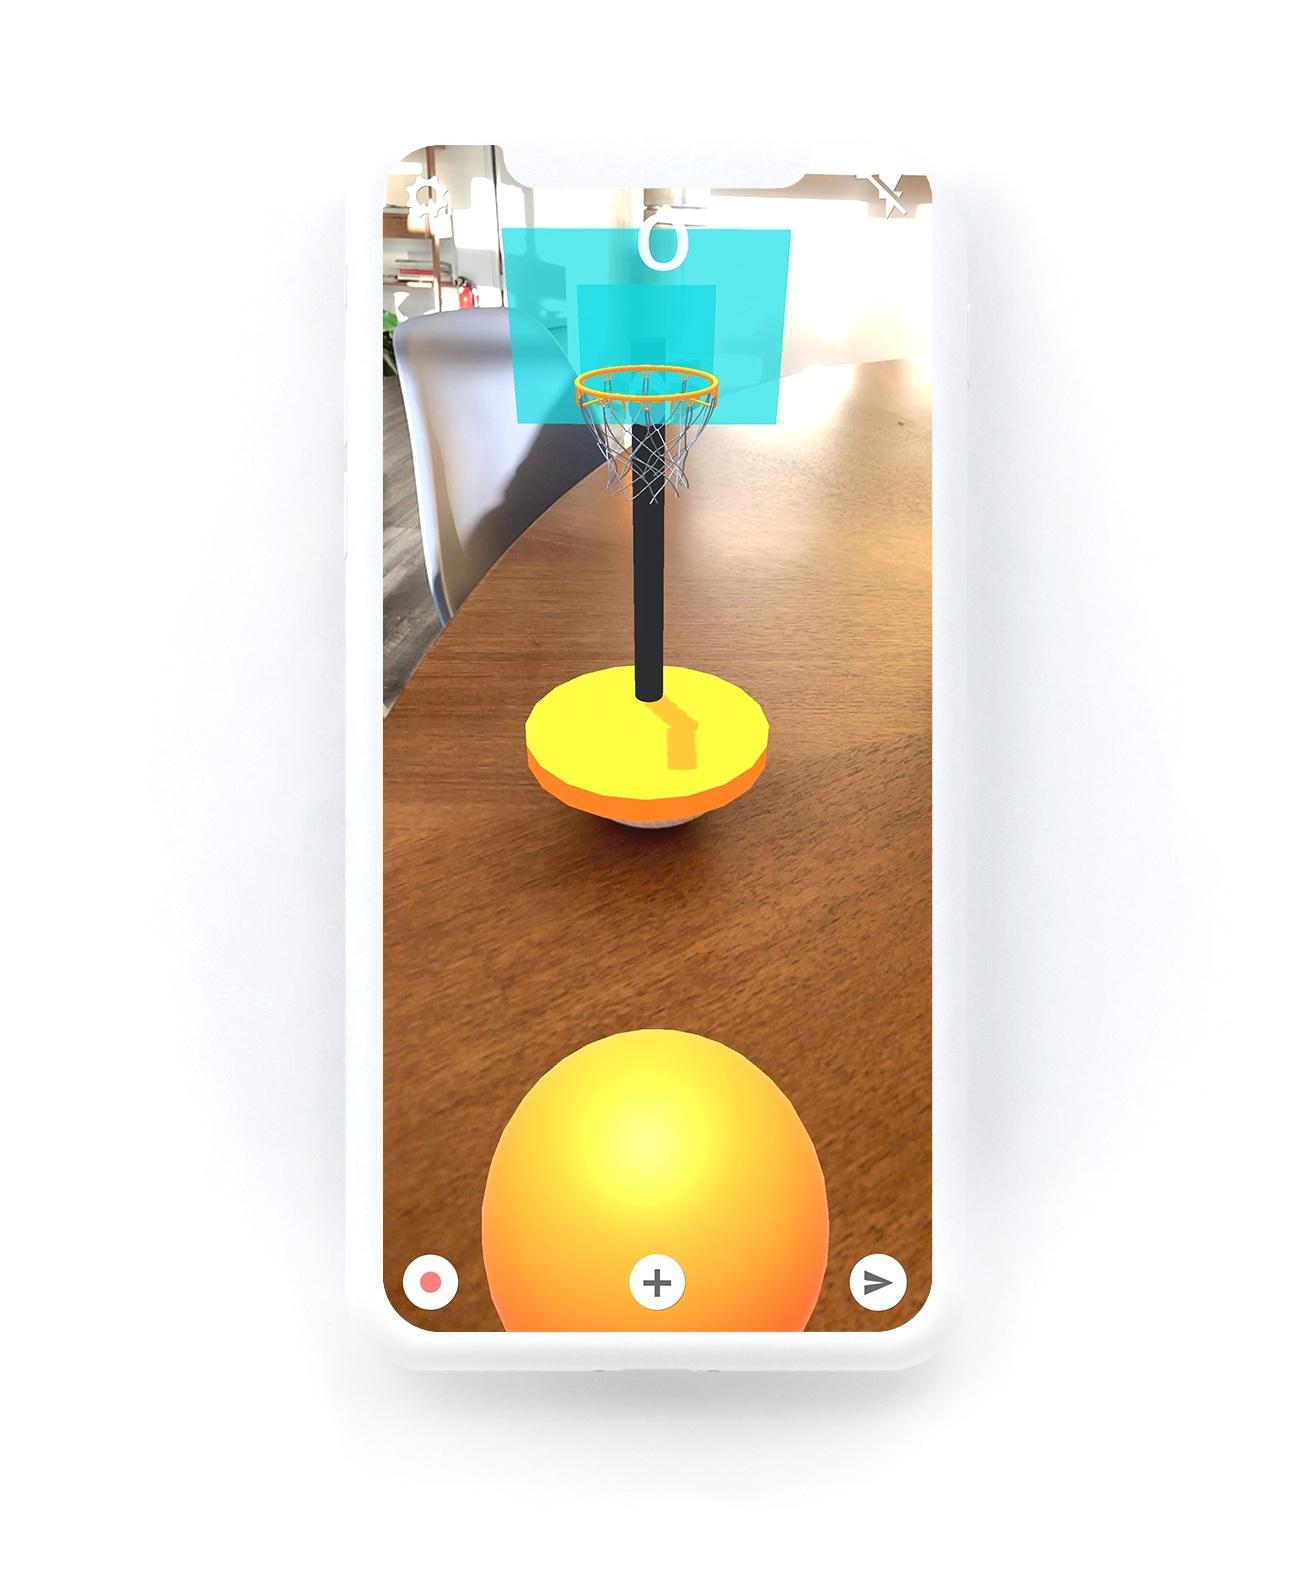 Deskfruit-iPhone.jpg